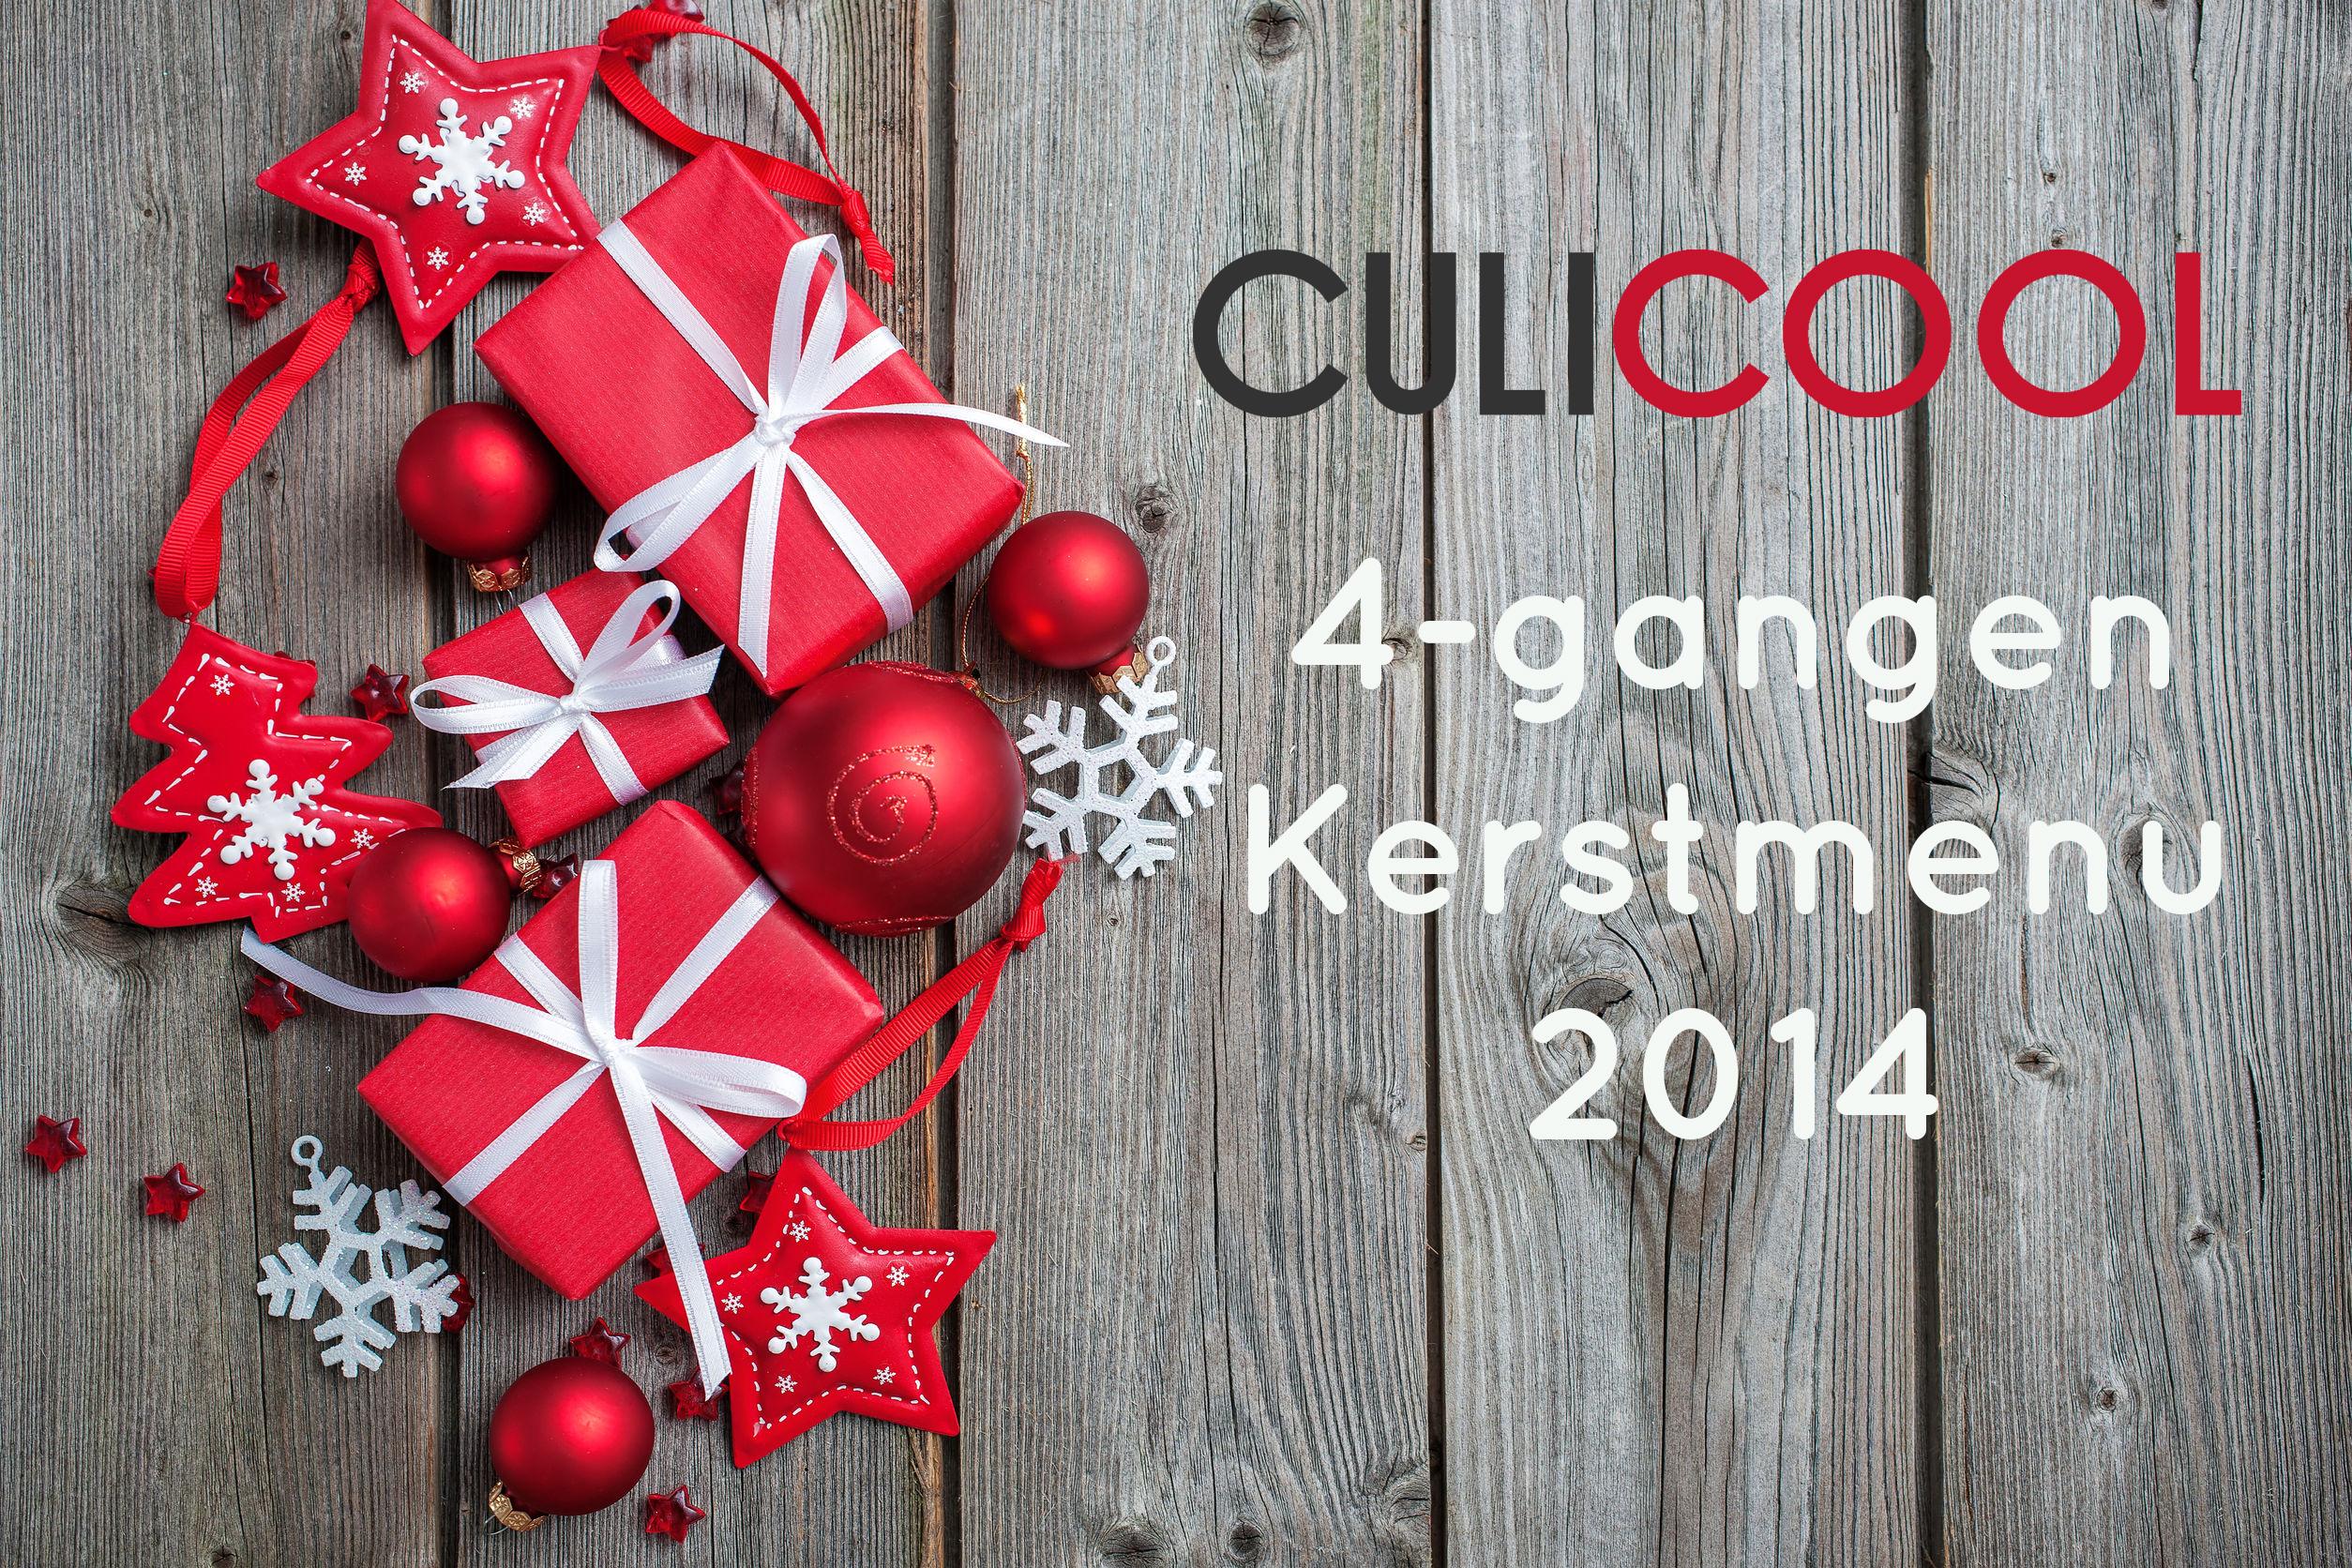 Een 4 gangen kerstmenu wat snel lekker en supergezond is u2014 culicool